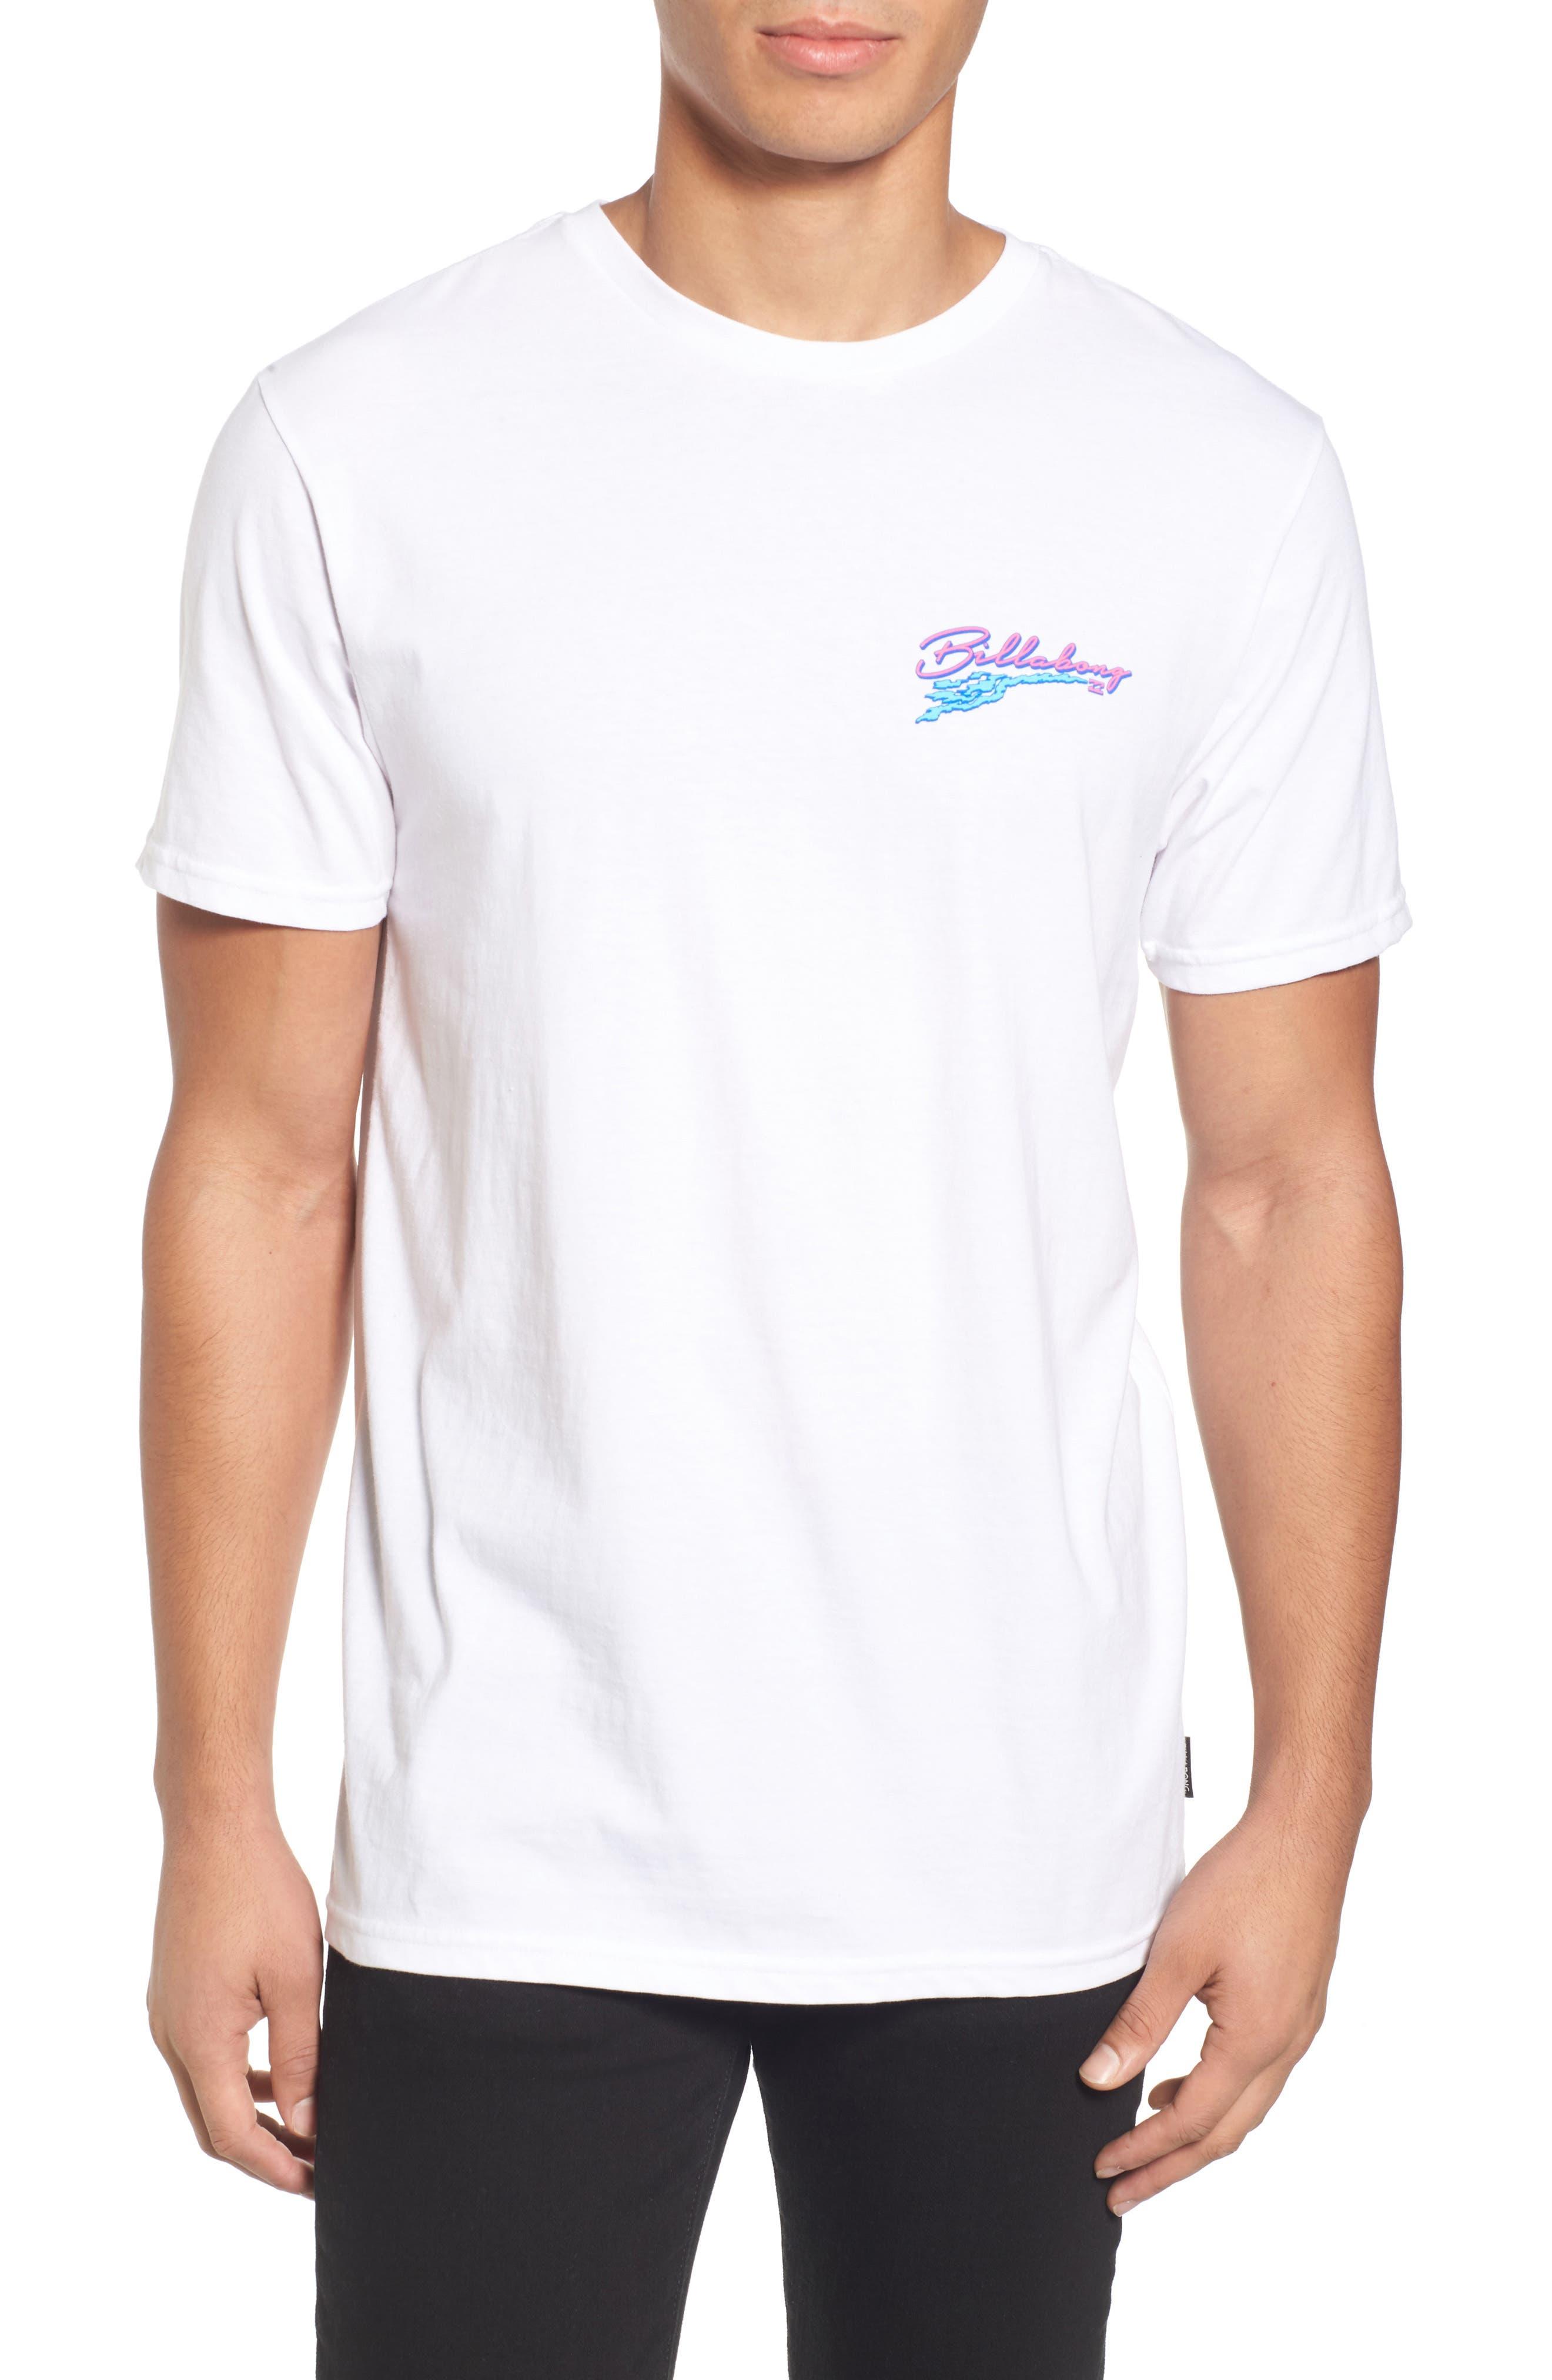 Pigdog T-Shirt,                             Main thumbnail 1, color,                             White